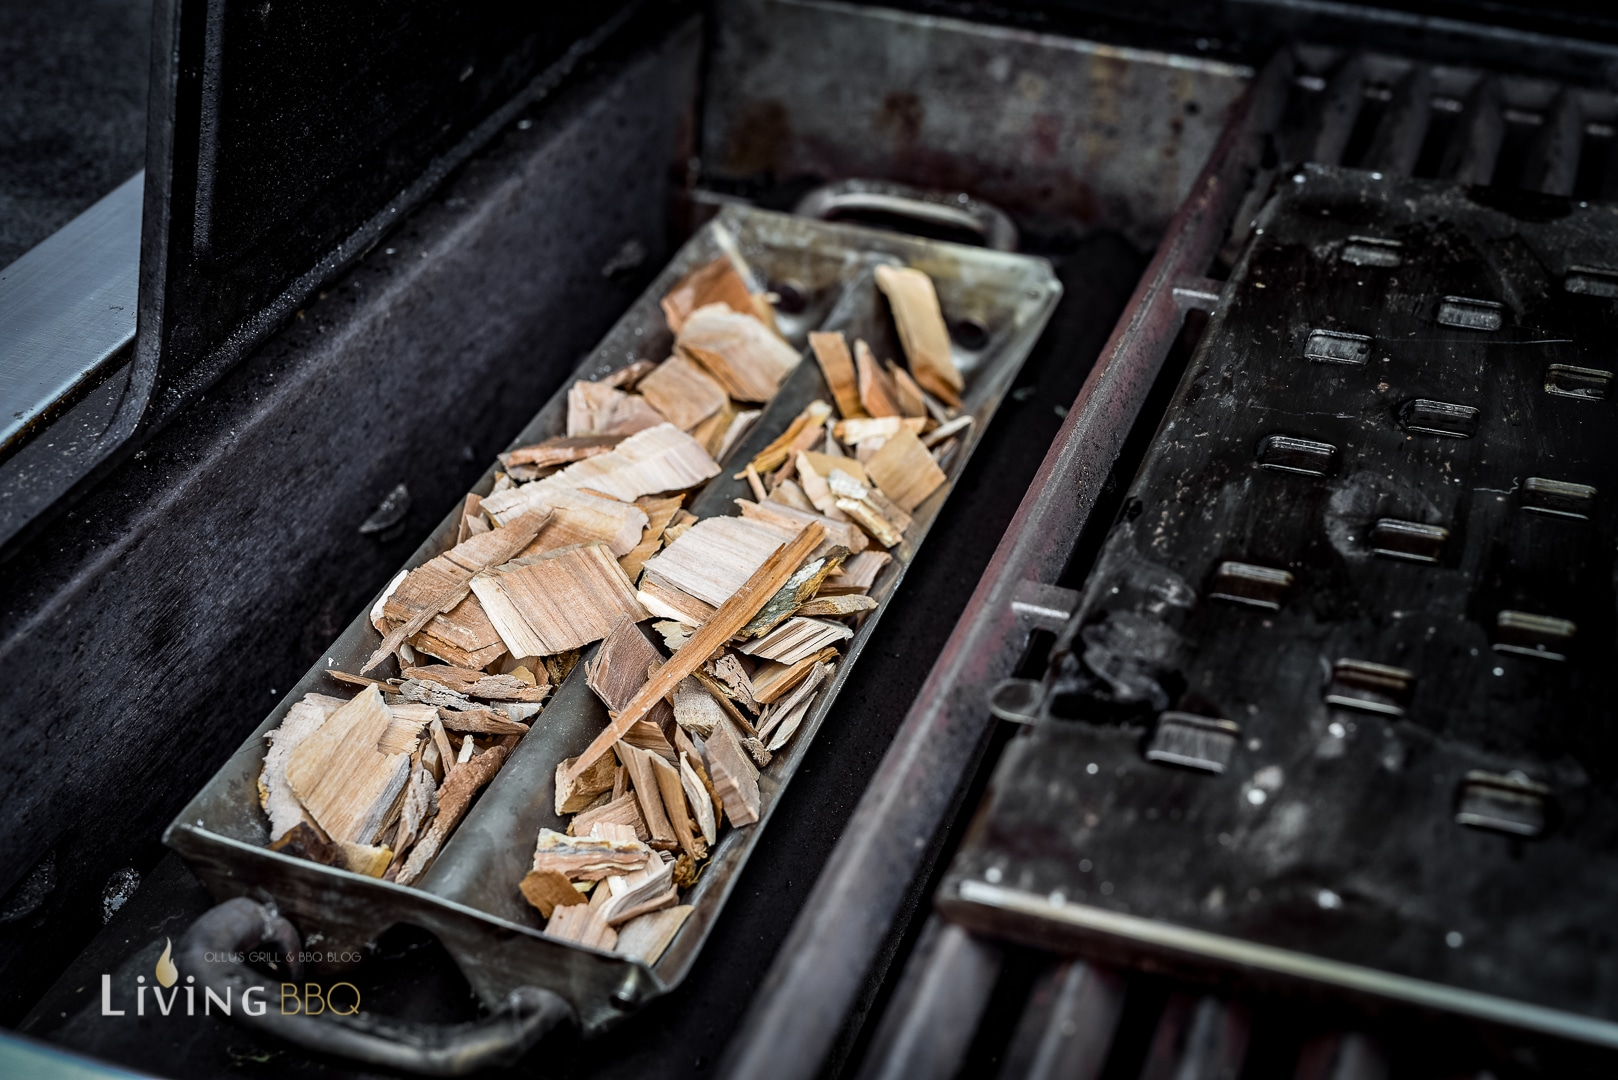 Broilking Räucherbox mit Holzchips _Kalbsru  cken mit Pesto und Lardo 2 von 24 1